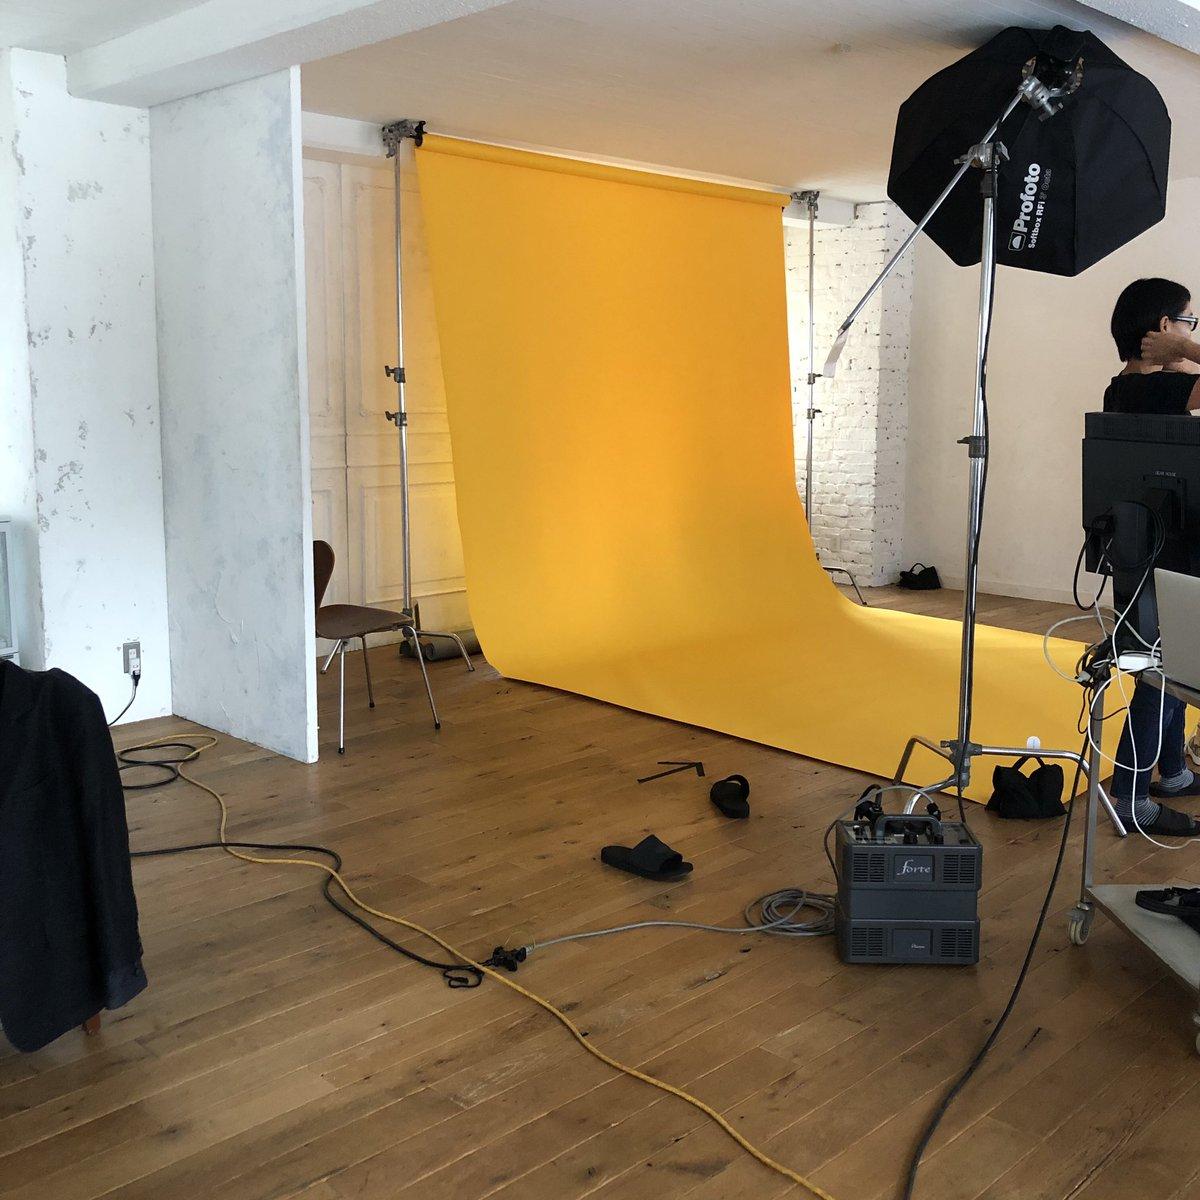 先日の撮休には、#佐藤勝利 さん& #髙橋海人 さんの取材を❤️💛撮影やほかのお仕事の合間をぬって、ふたりだったりひとりづつだったり…この日もたくさん取材を受けていただきました🥺✨もうすぐメディア情報もアップしますので、皆さまお楽しみに🙇♂️#ブラック校則  #ブラ校  #11月1日公開